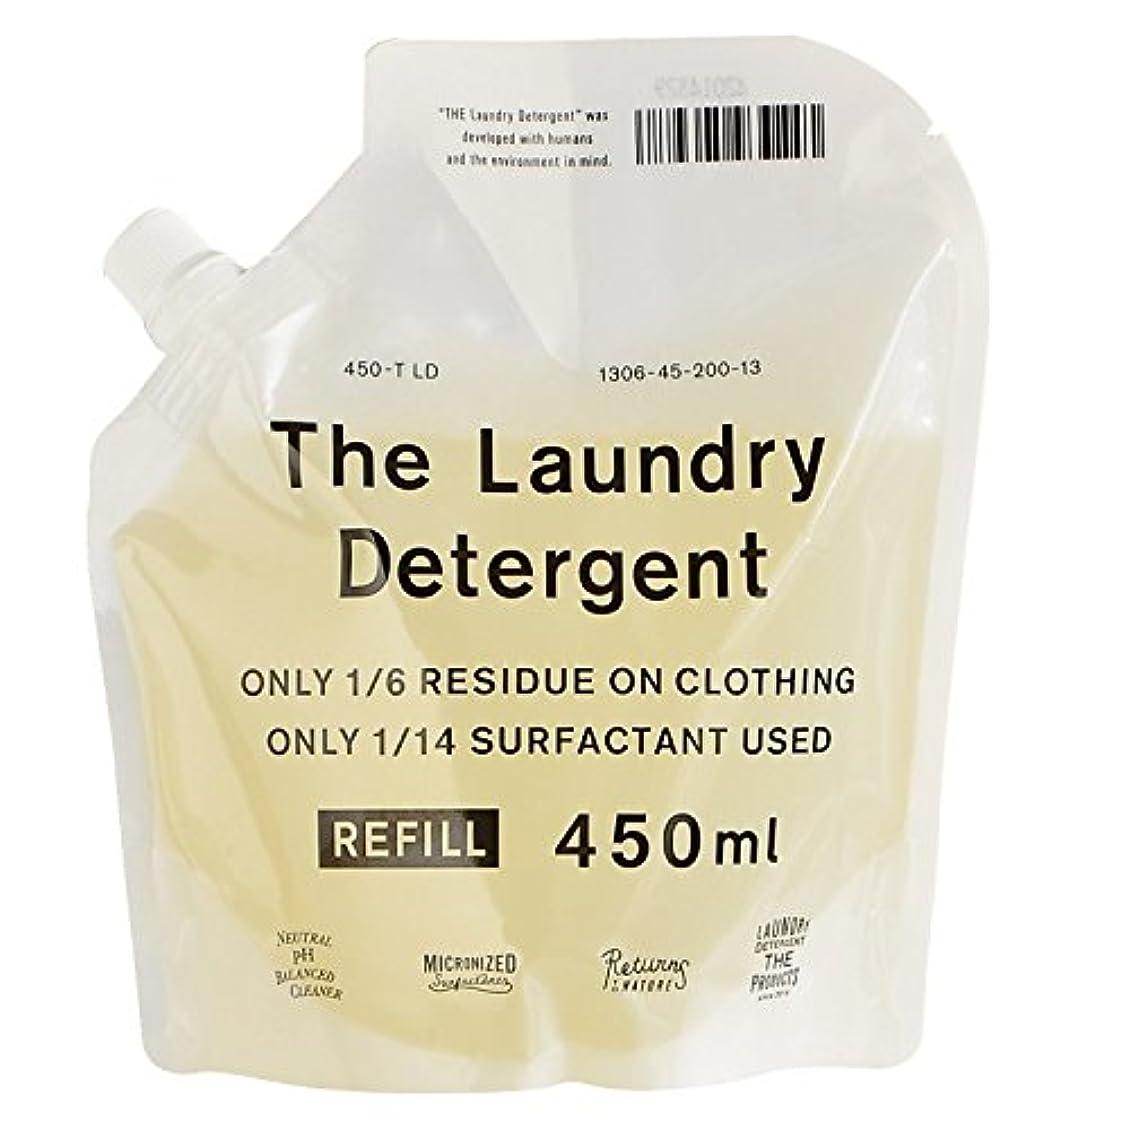 社会学送った赤ちゃんTHE 洗濯洗剤 詰替用 450ml 2個セット